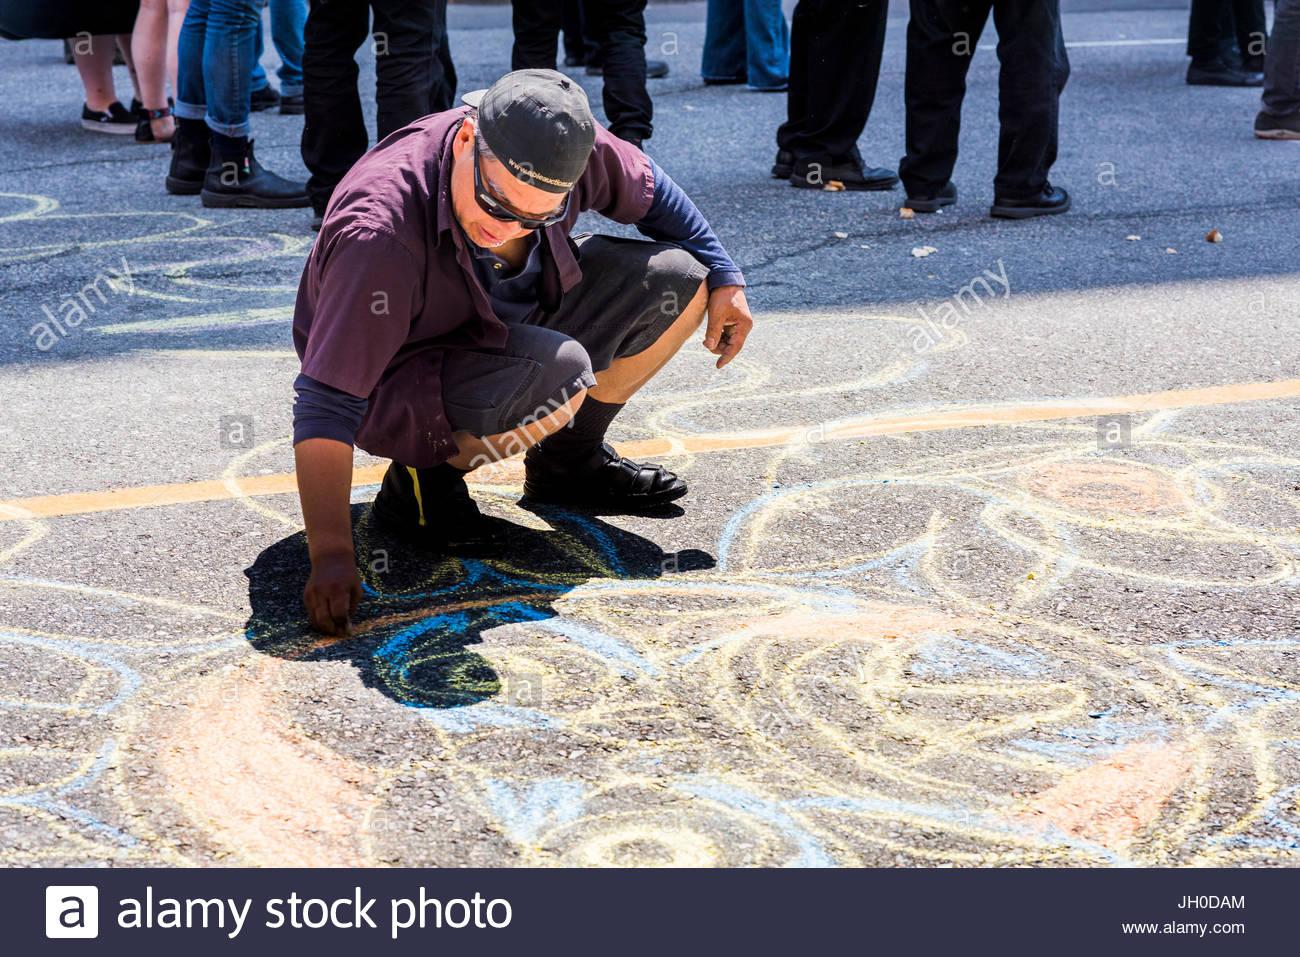 La création d'homme dessin à la craie sur la route. Balmoral Block Party à l'appui de l'expulsé Photo Stock